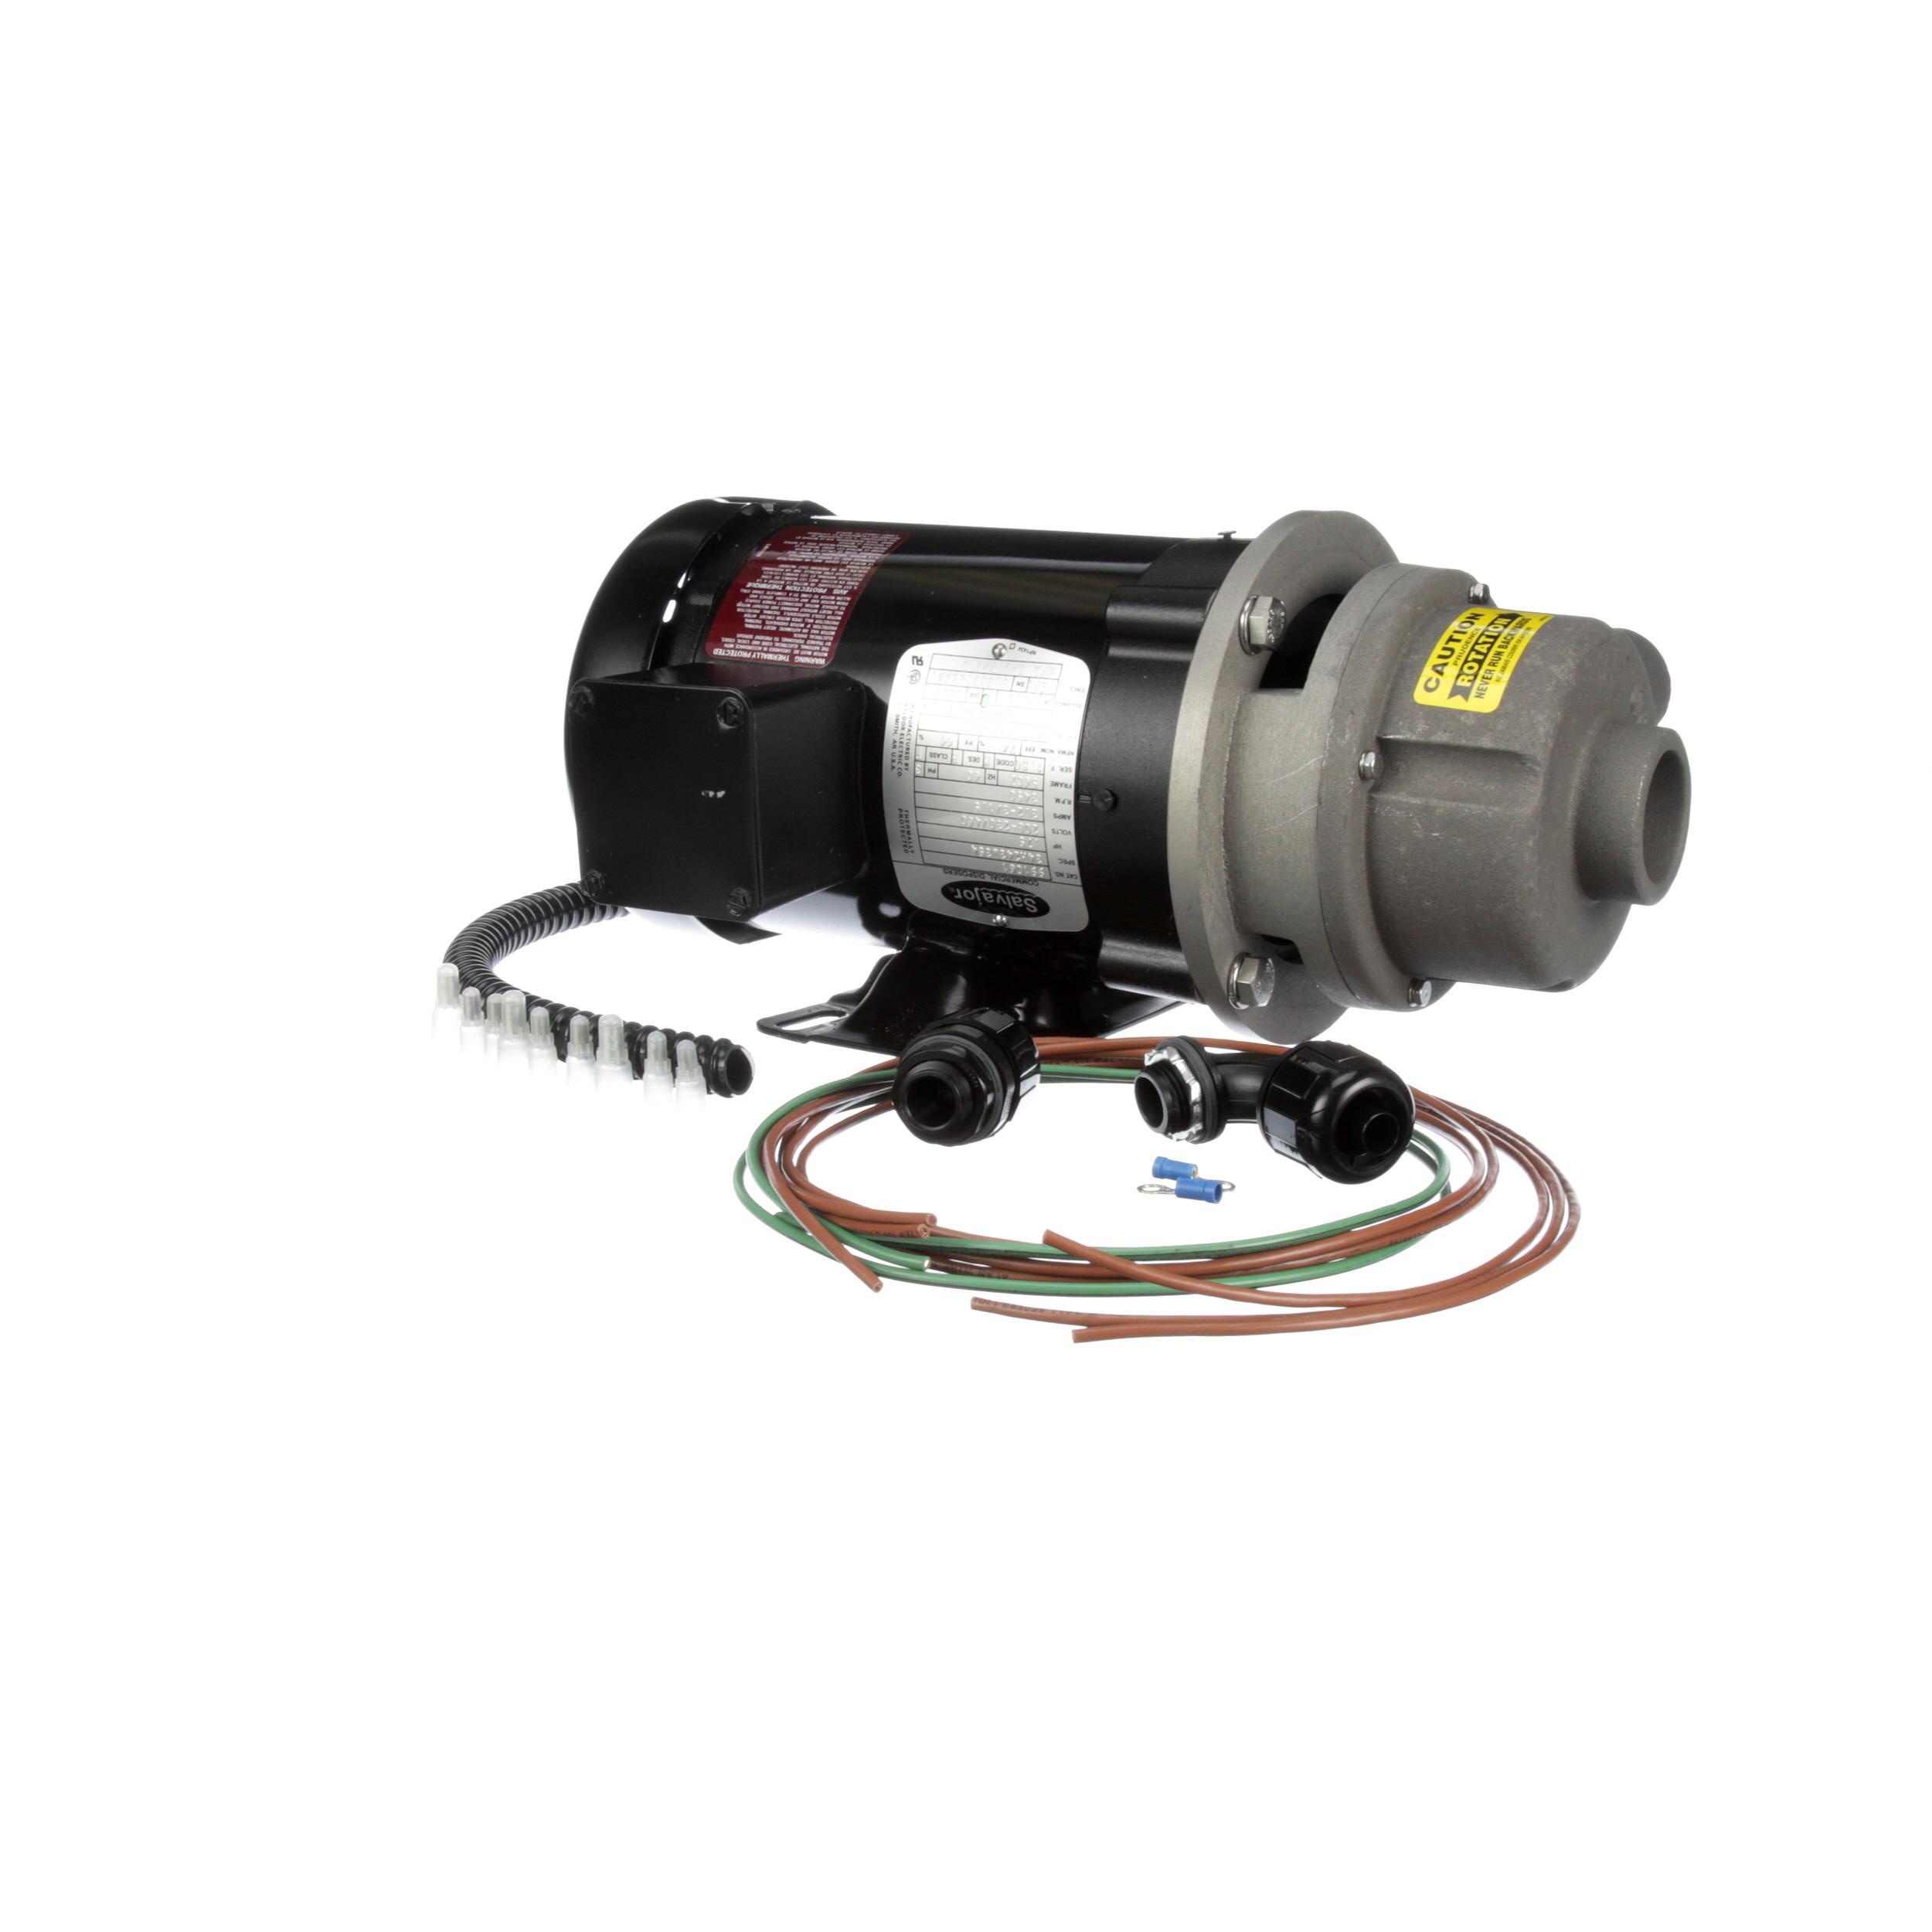 SALVAJOR PUMP & MOTOR ASSEMBLY SM 460V 3 3/4 HP